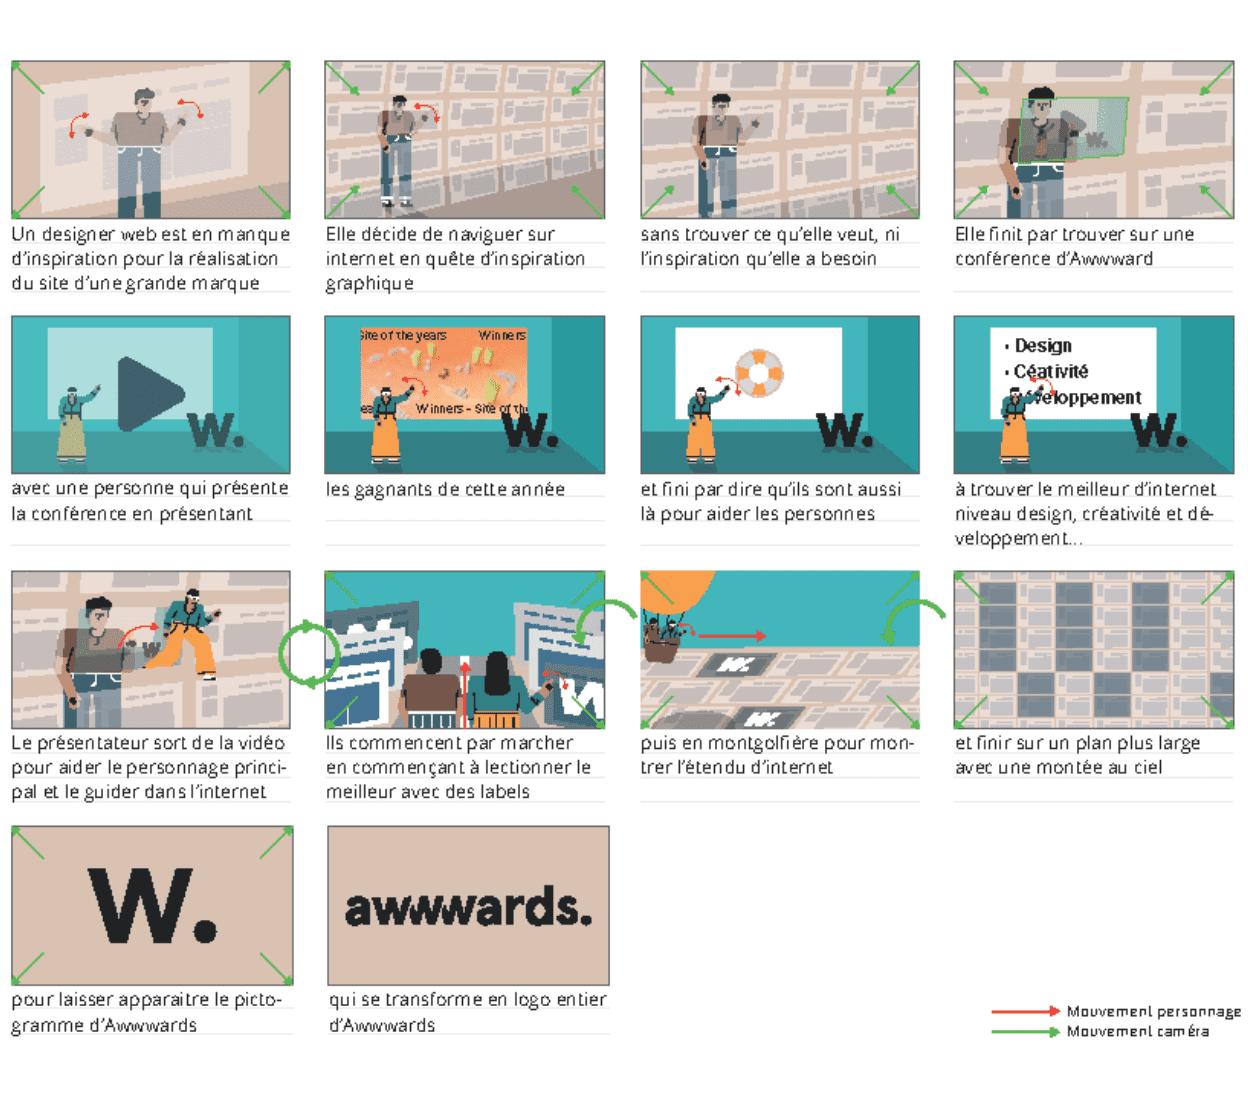 Awwwards 2 - Arnaud Le Roux - Directeur Artistique Digital & Développeur Front-End